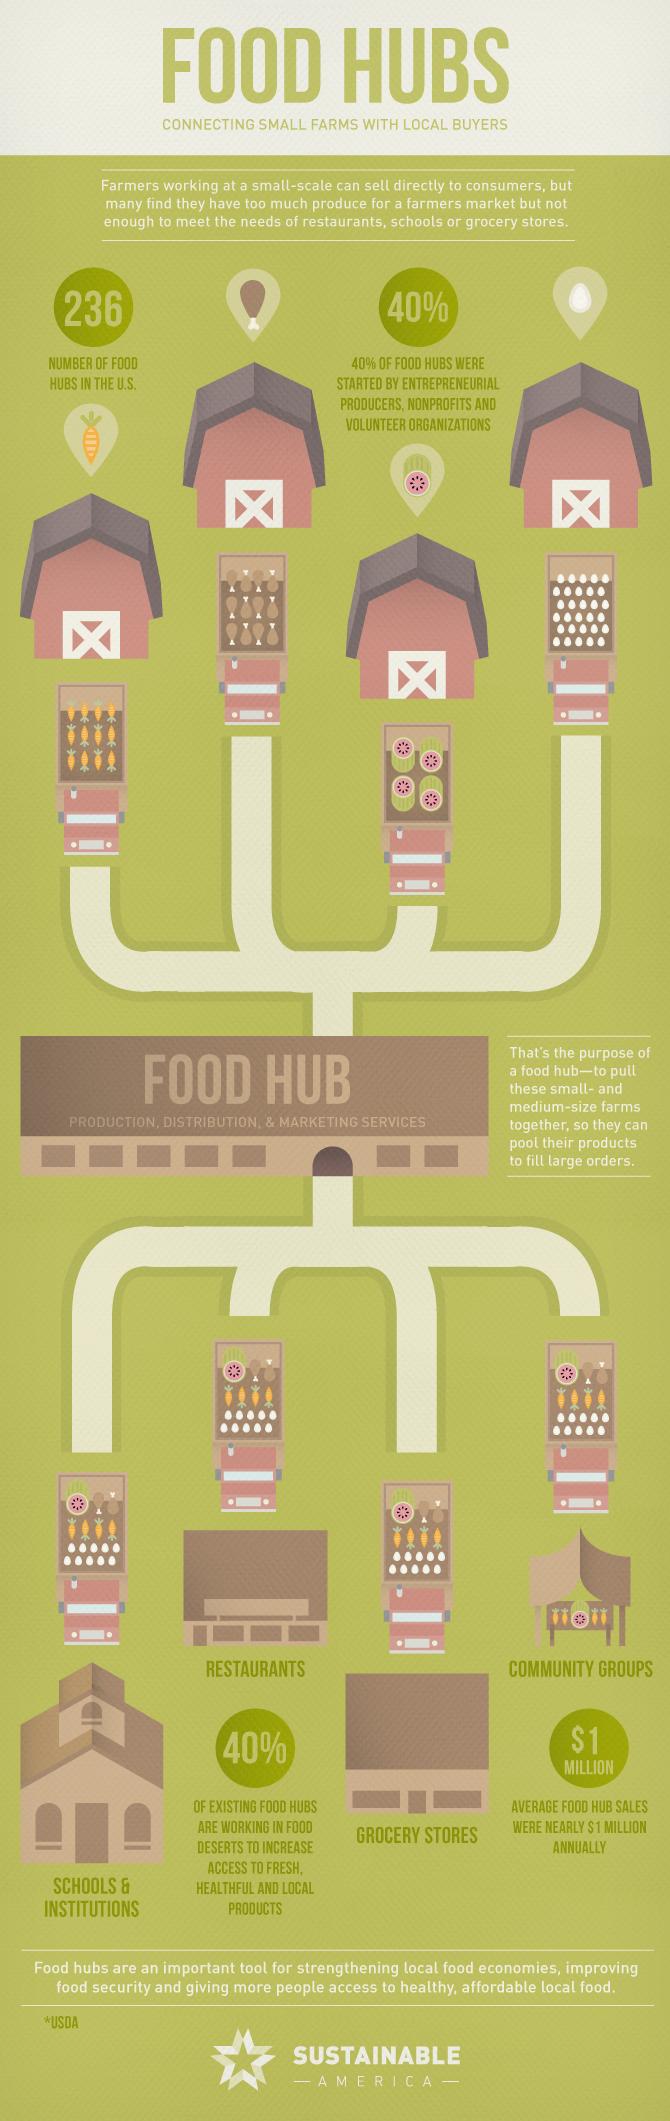 Food Hubs